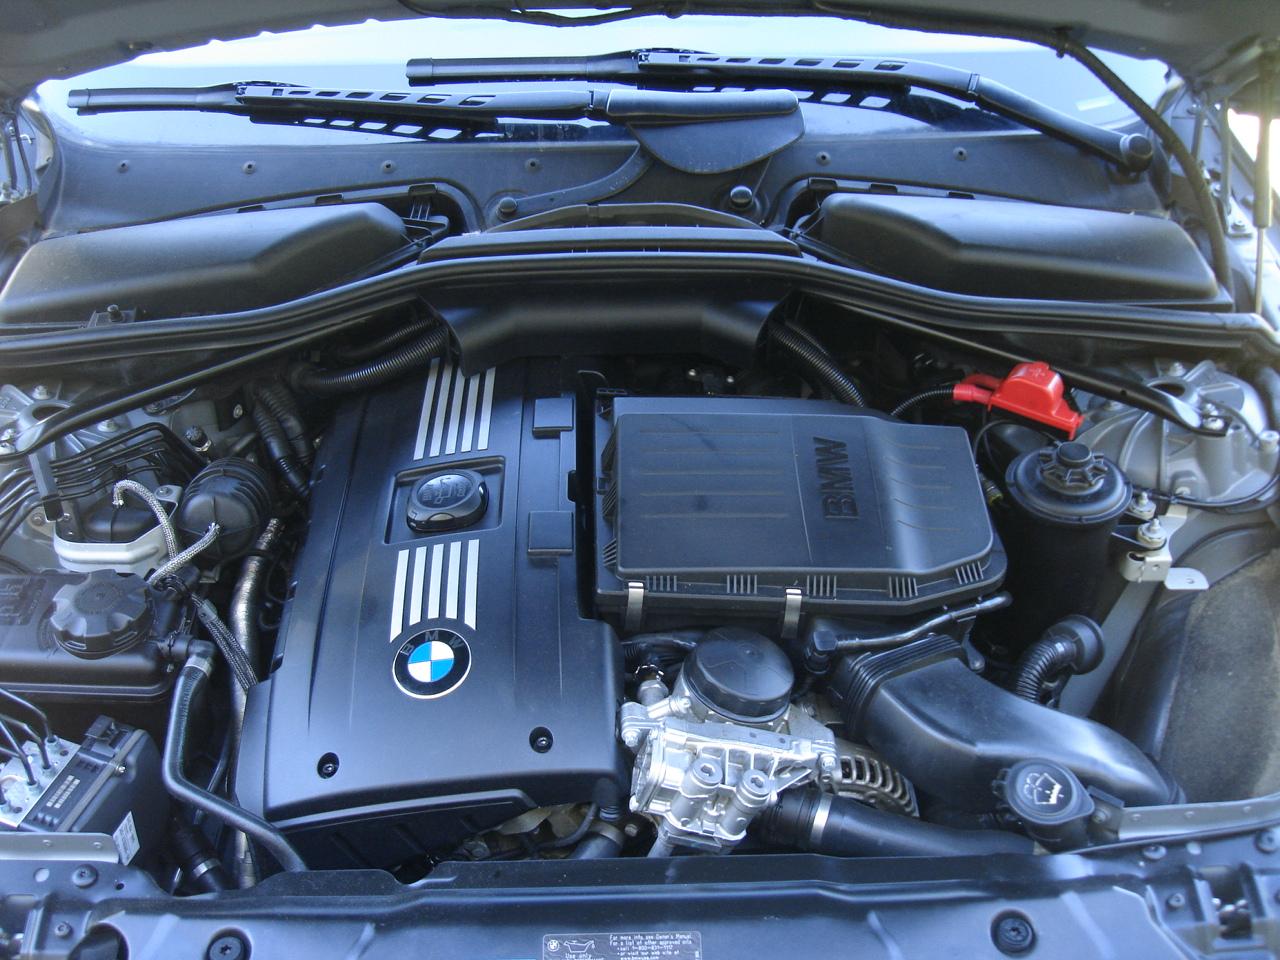 2008 Hyundai Elantra Engine Diagram Nissan Wiring Bmw 745li Gmc T7500